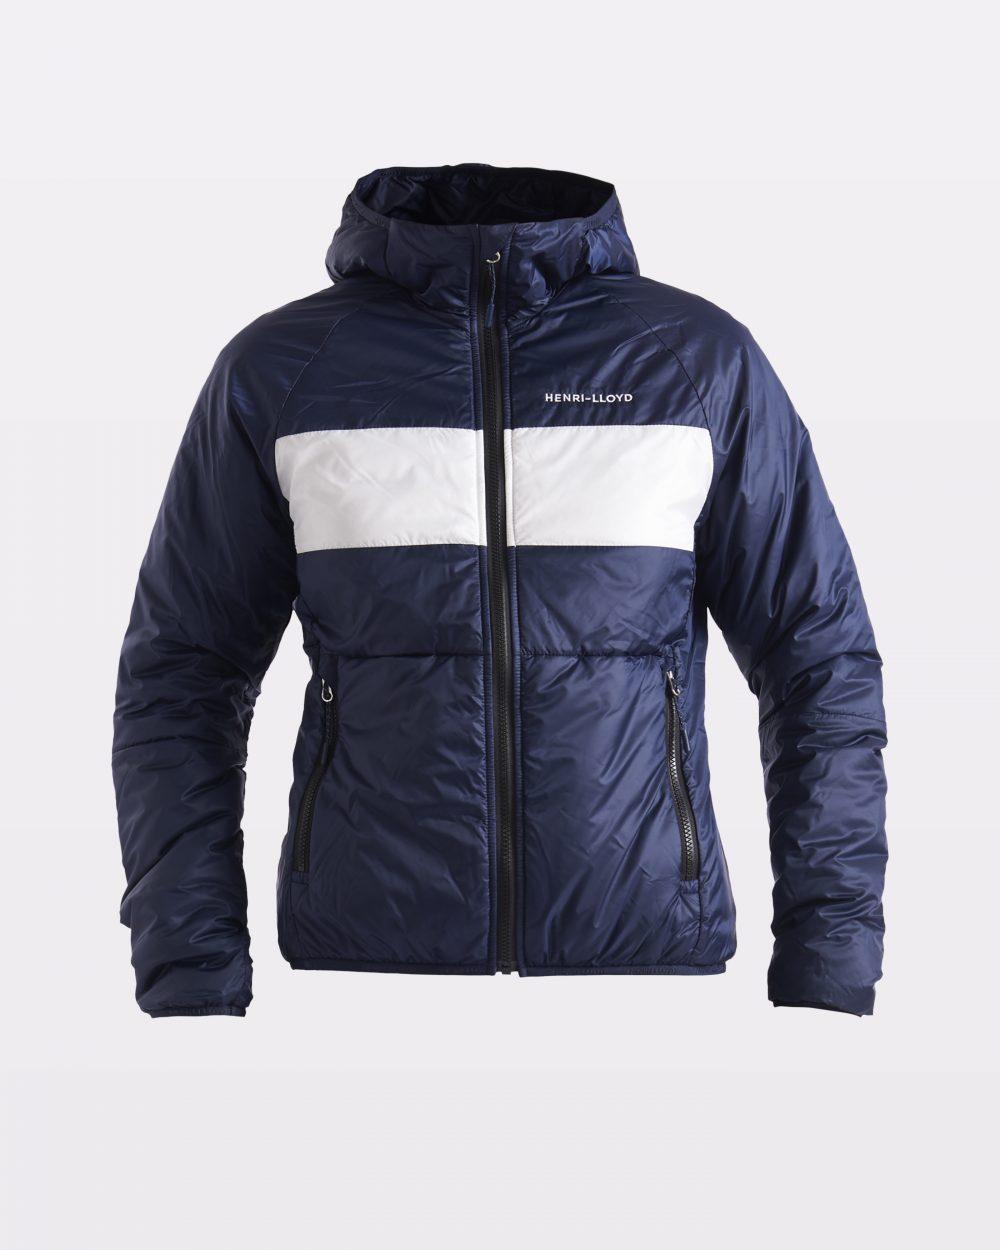 Naisten sininen synteettistä untuvaa oleva takki